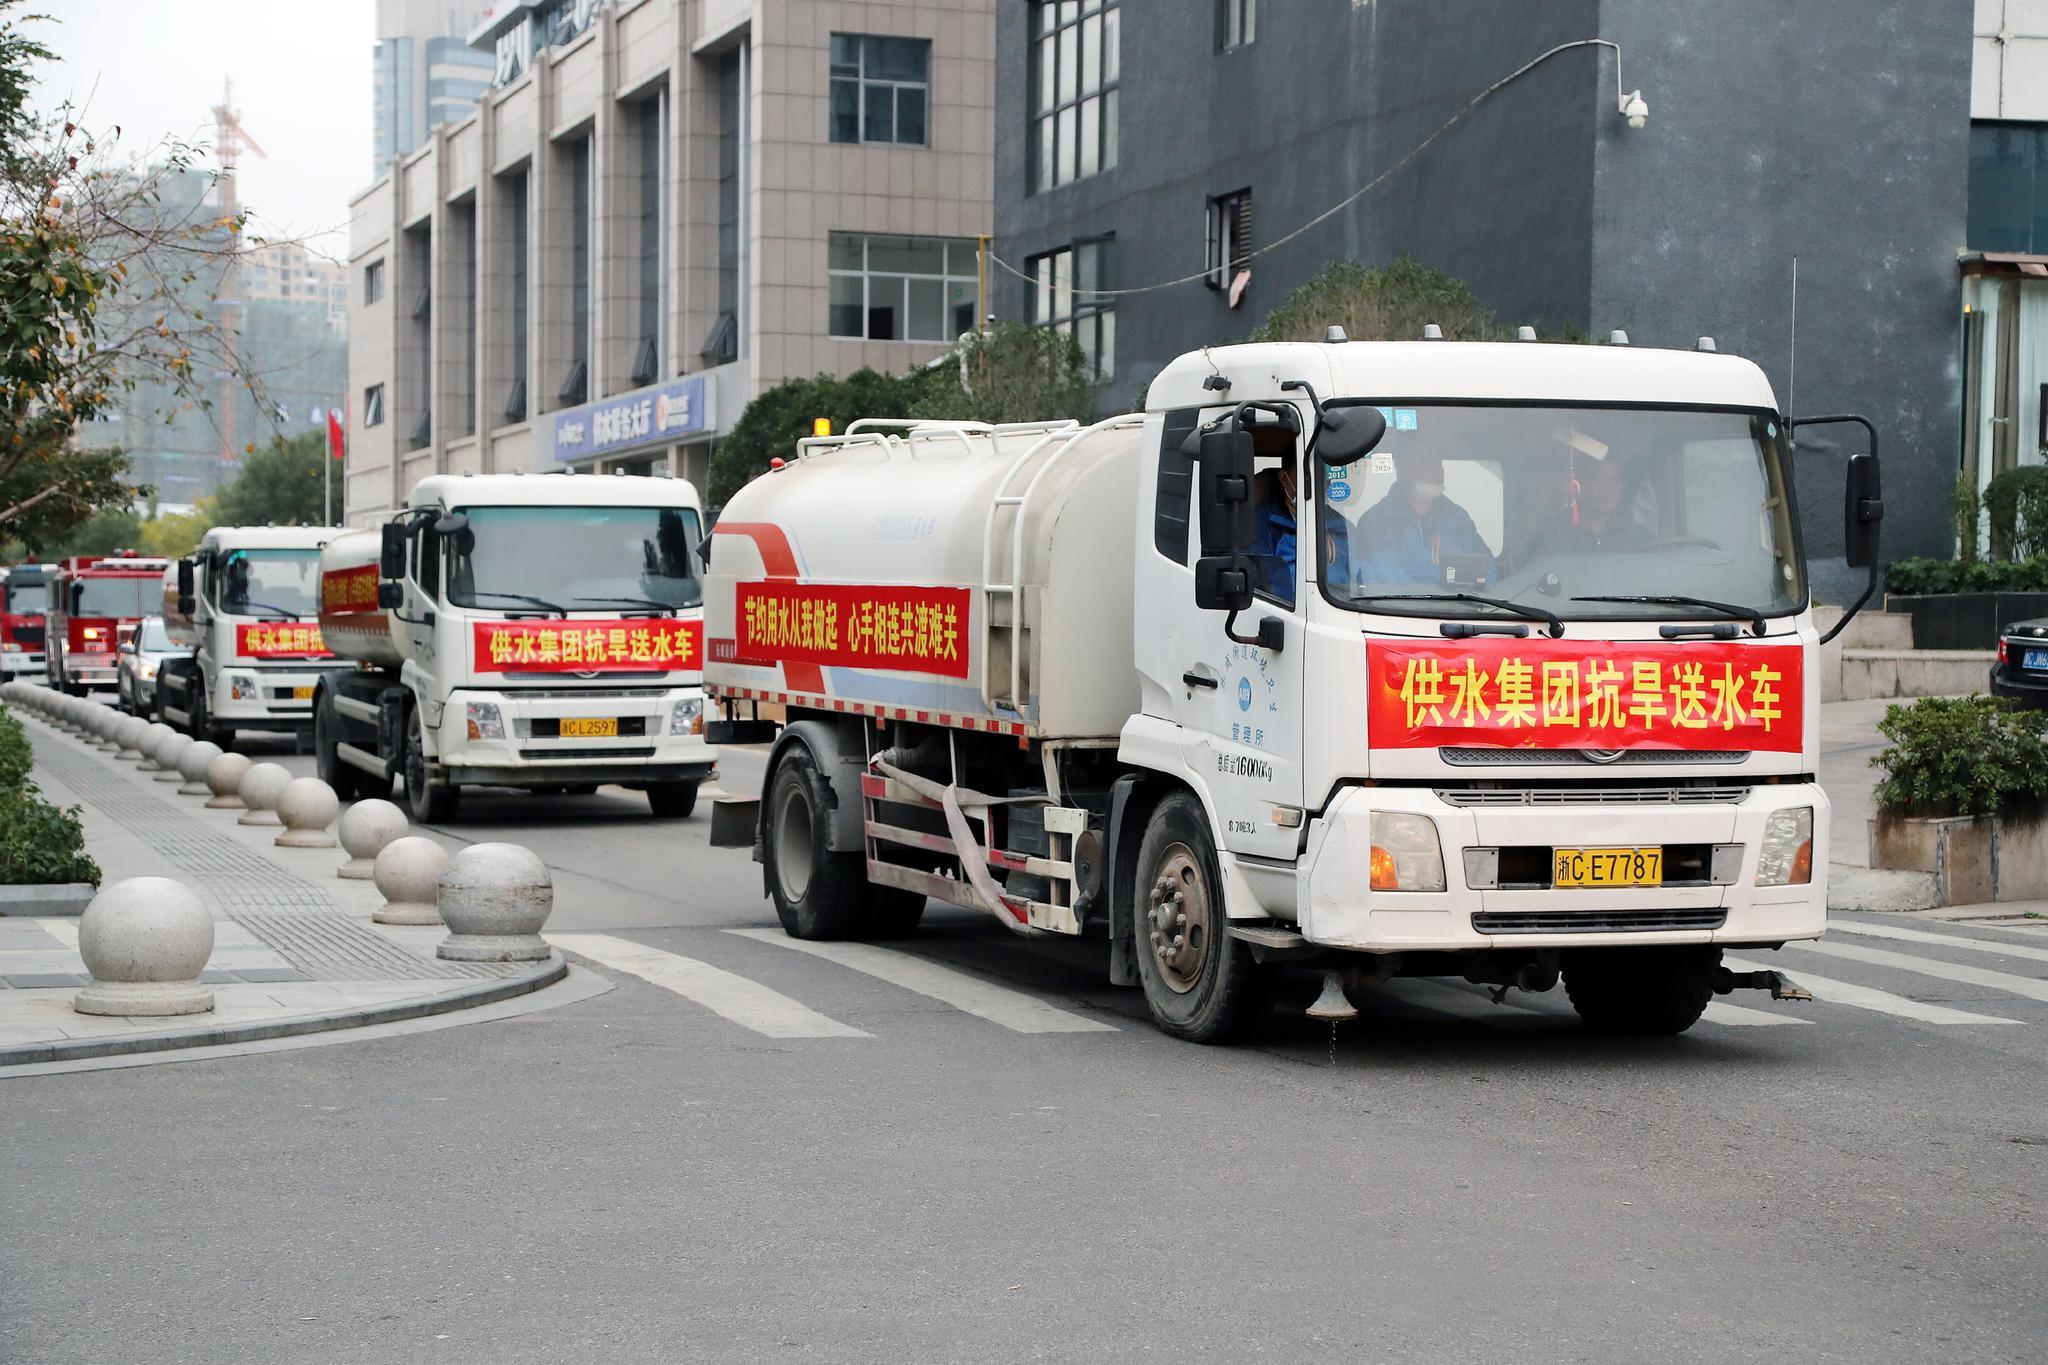 适时人工降雨 攻坚供水工程 温州各级部门联动保供水